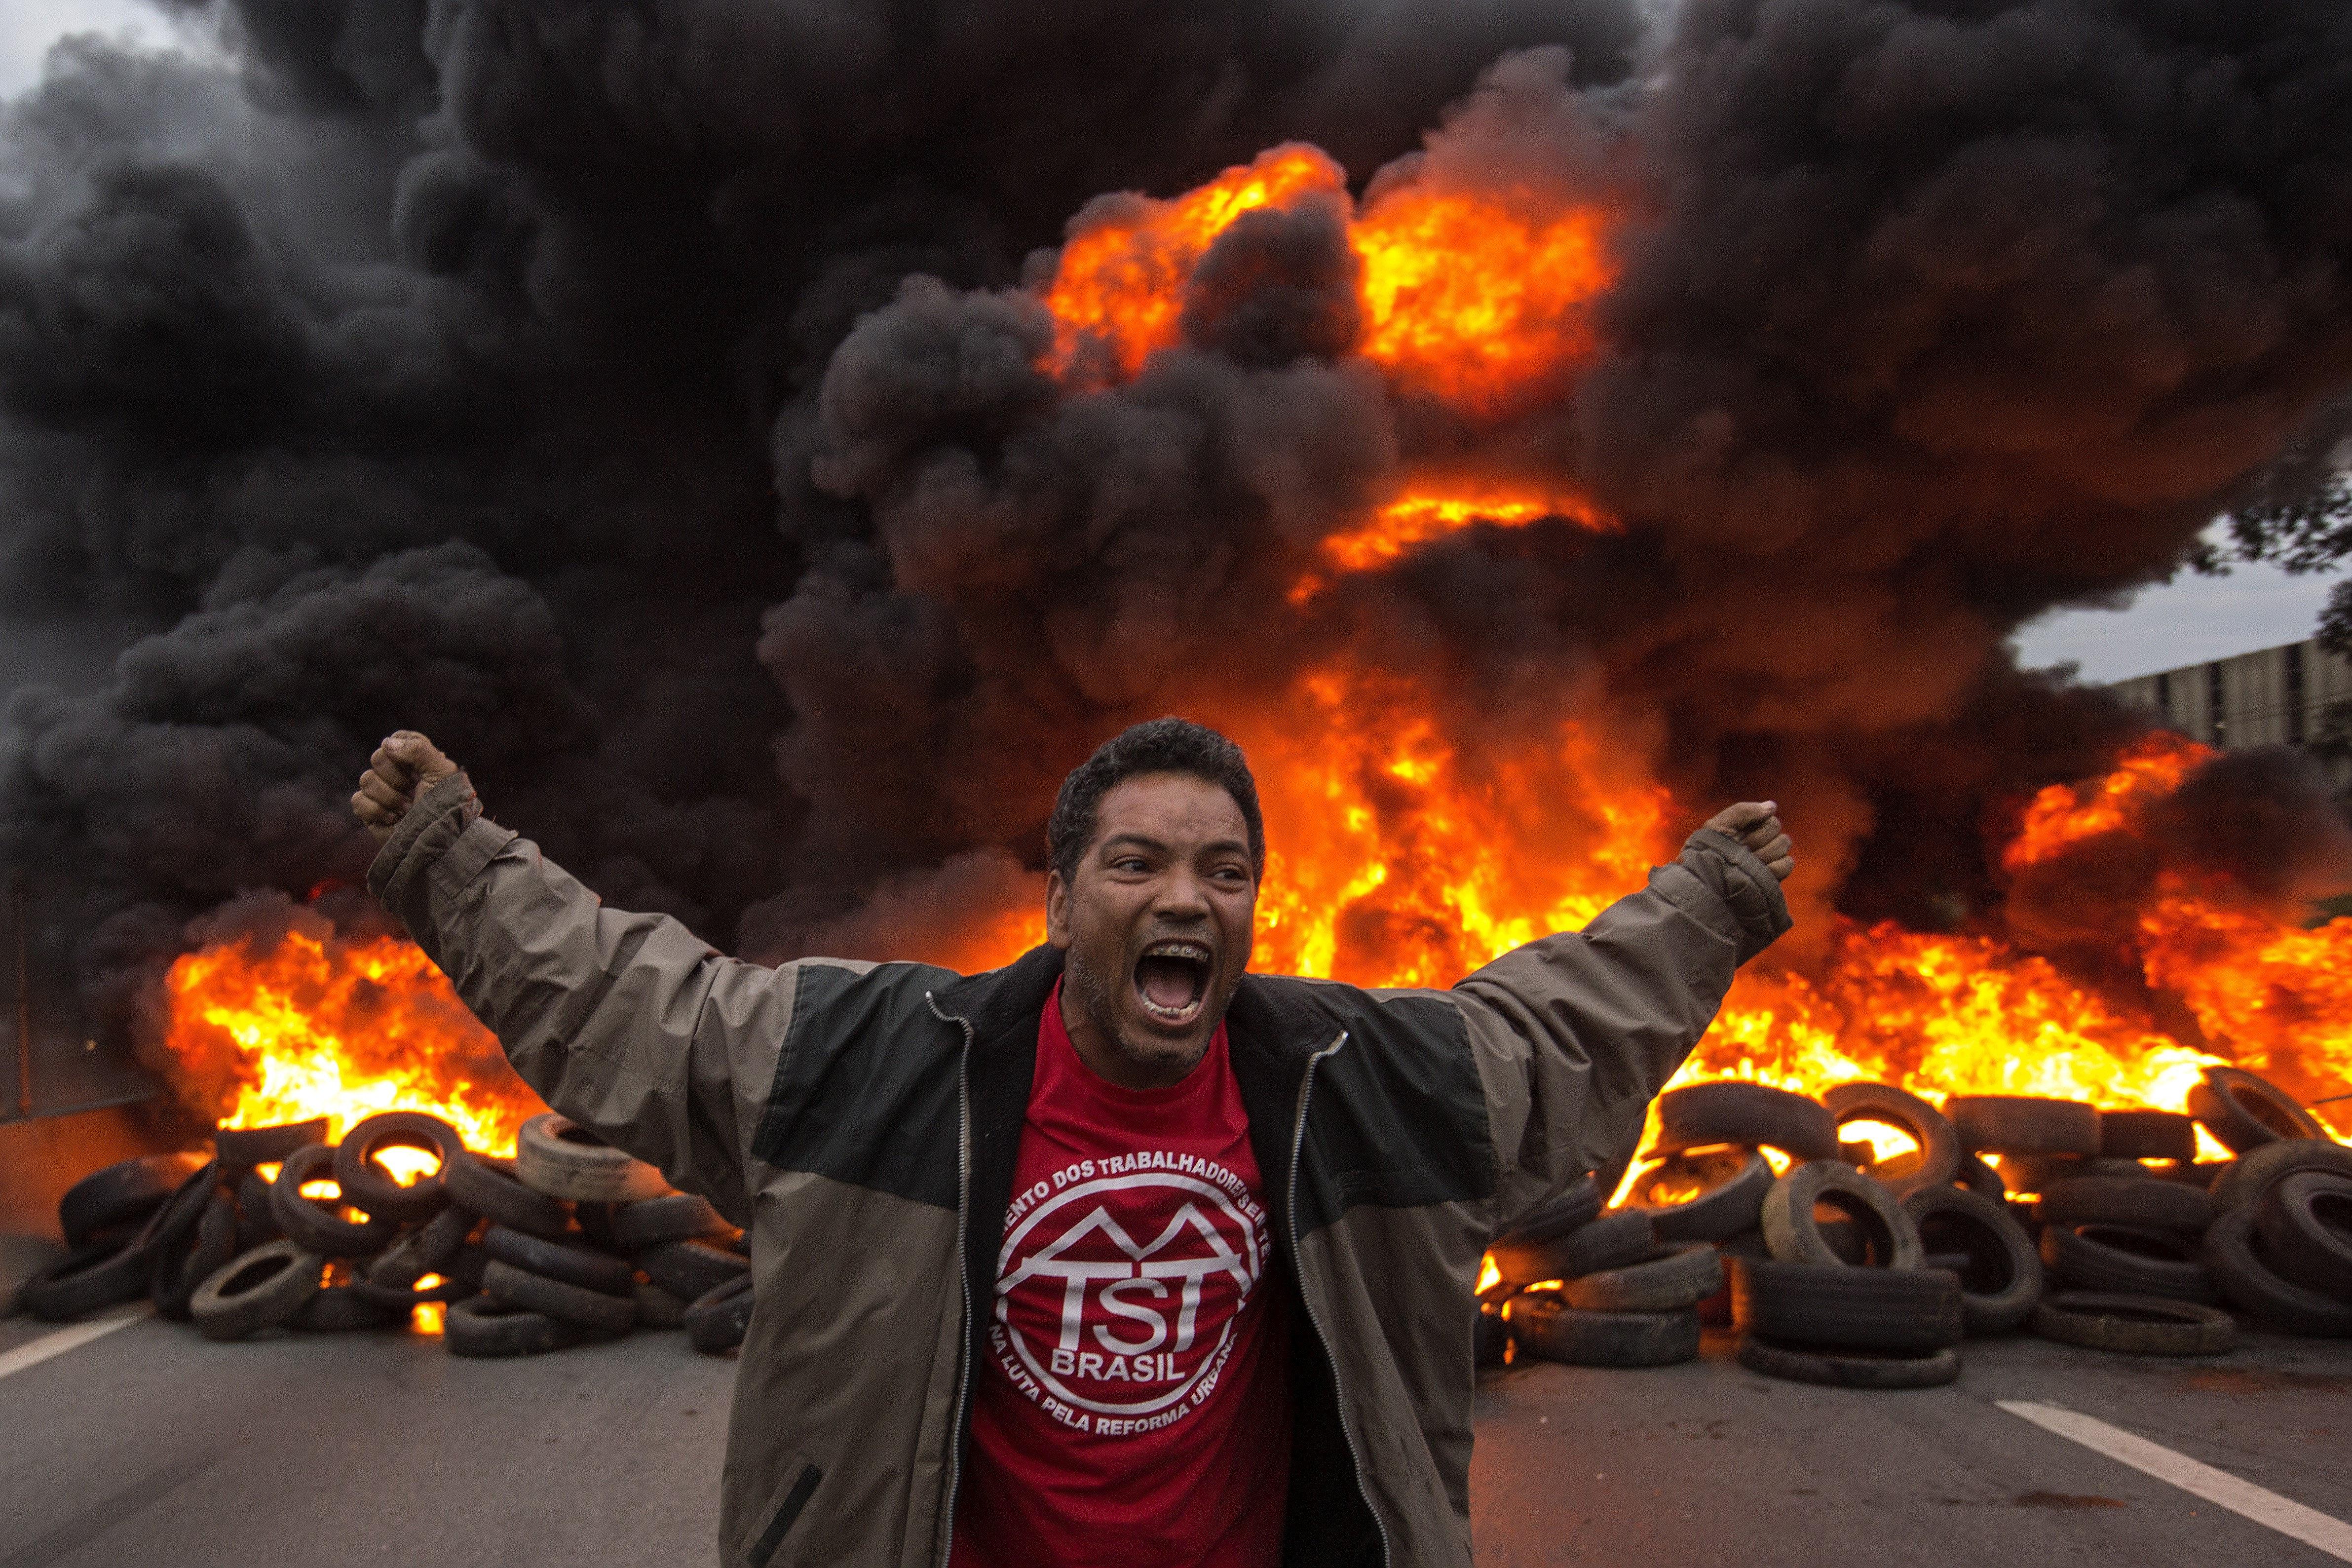 Militants del Moviment dels Treballadors Sense Sostre (MTST) bloquegen una carretera a la ciutat de Guarulhos (Brasil), durant una protesta contra el president Michel Témer. /SEBASTIAO MOREIRA